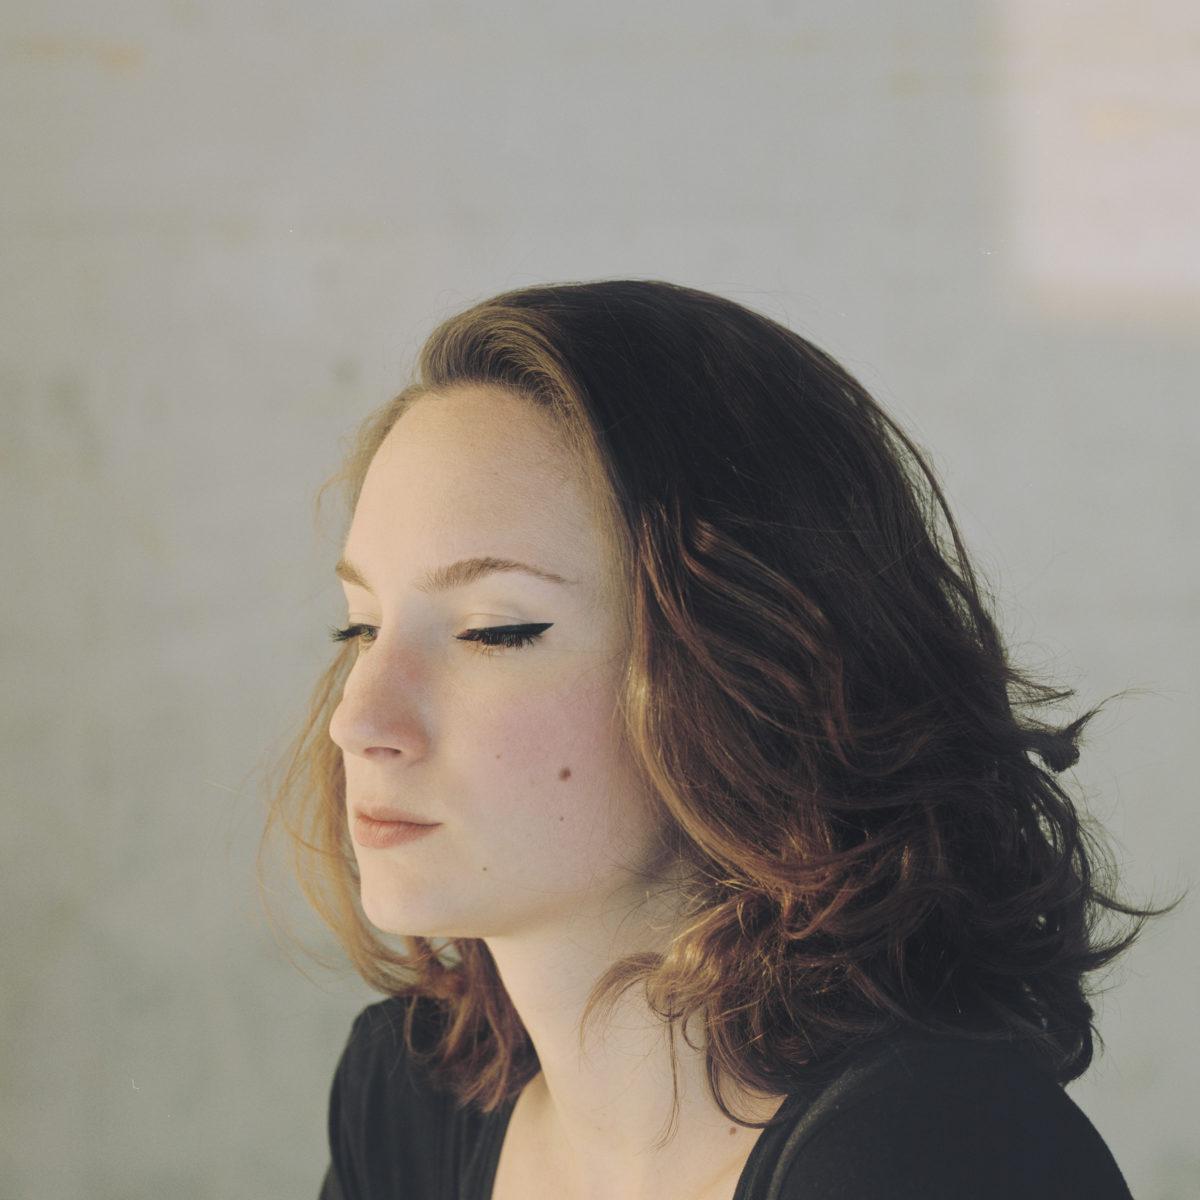 Marion Vercelot